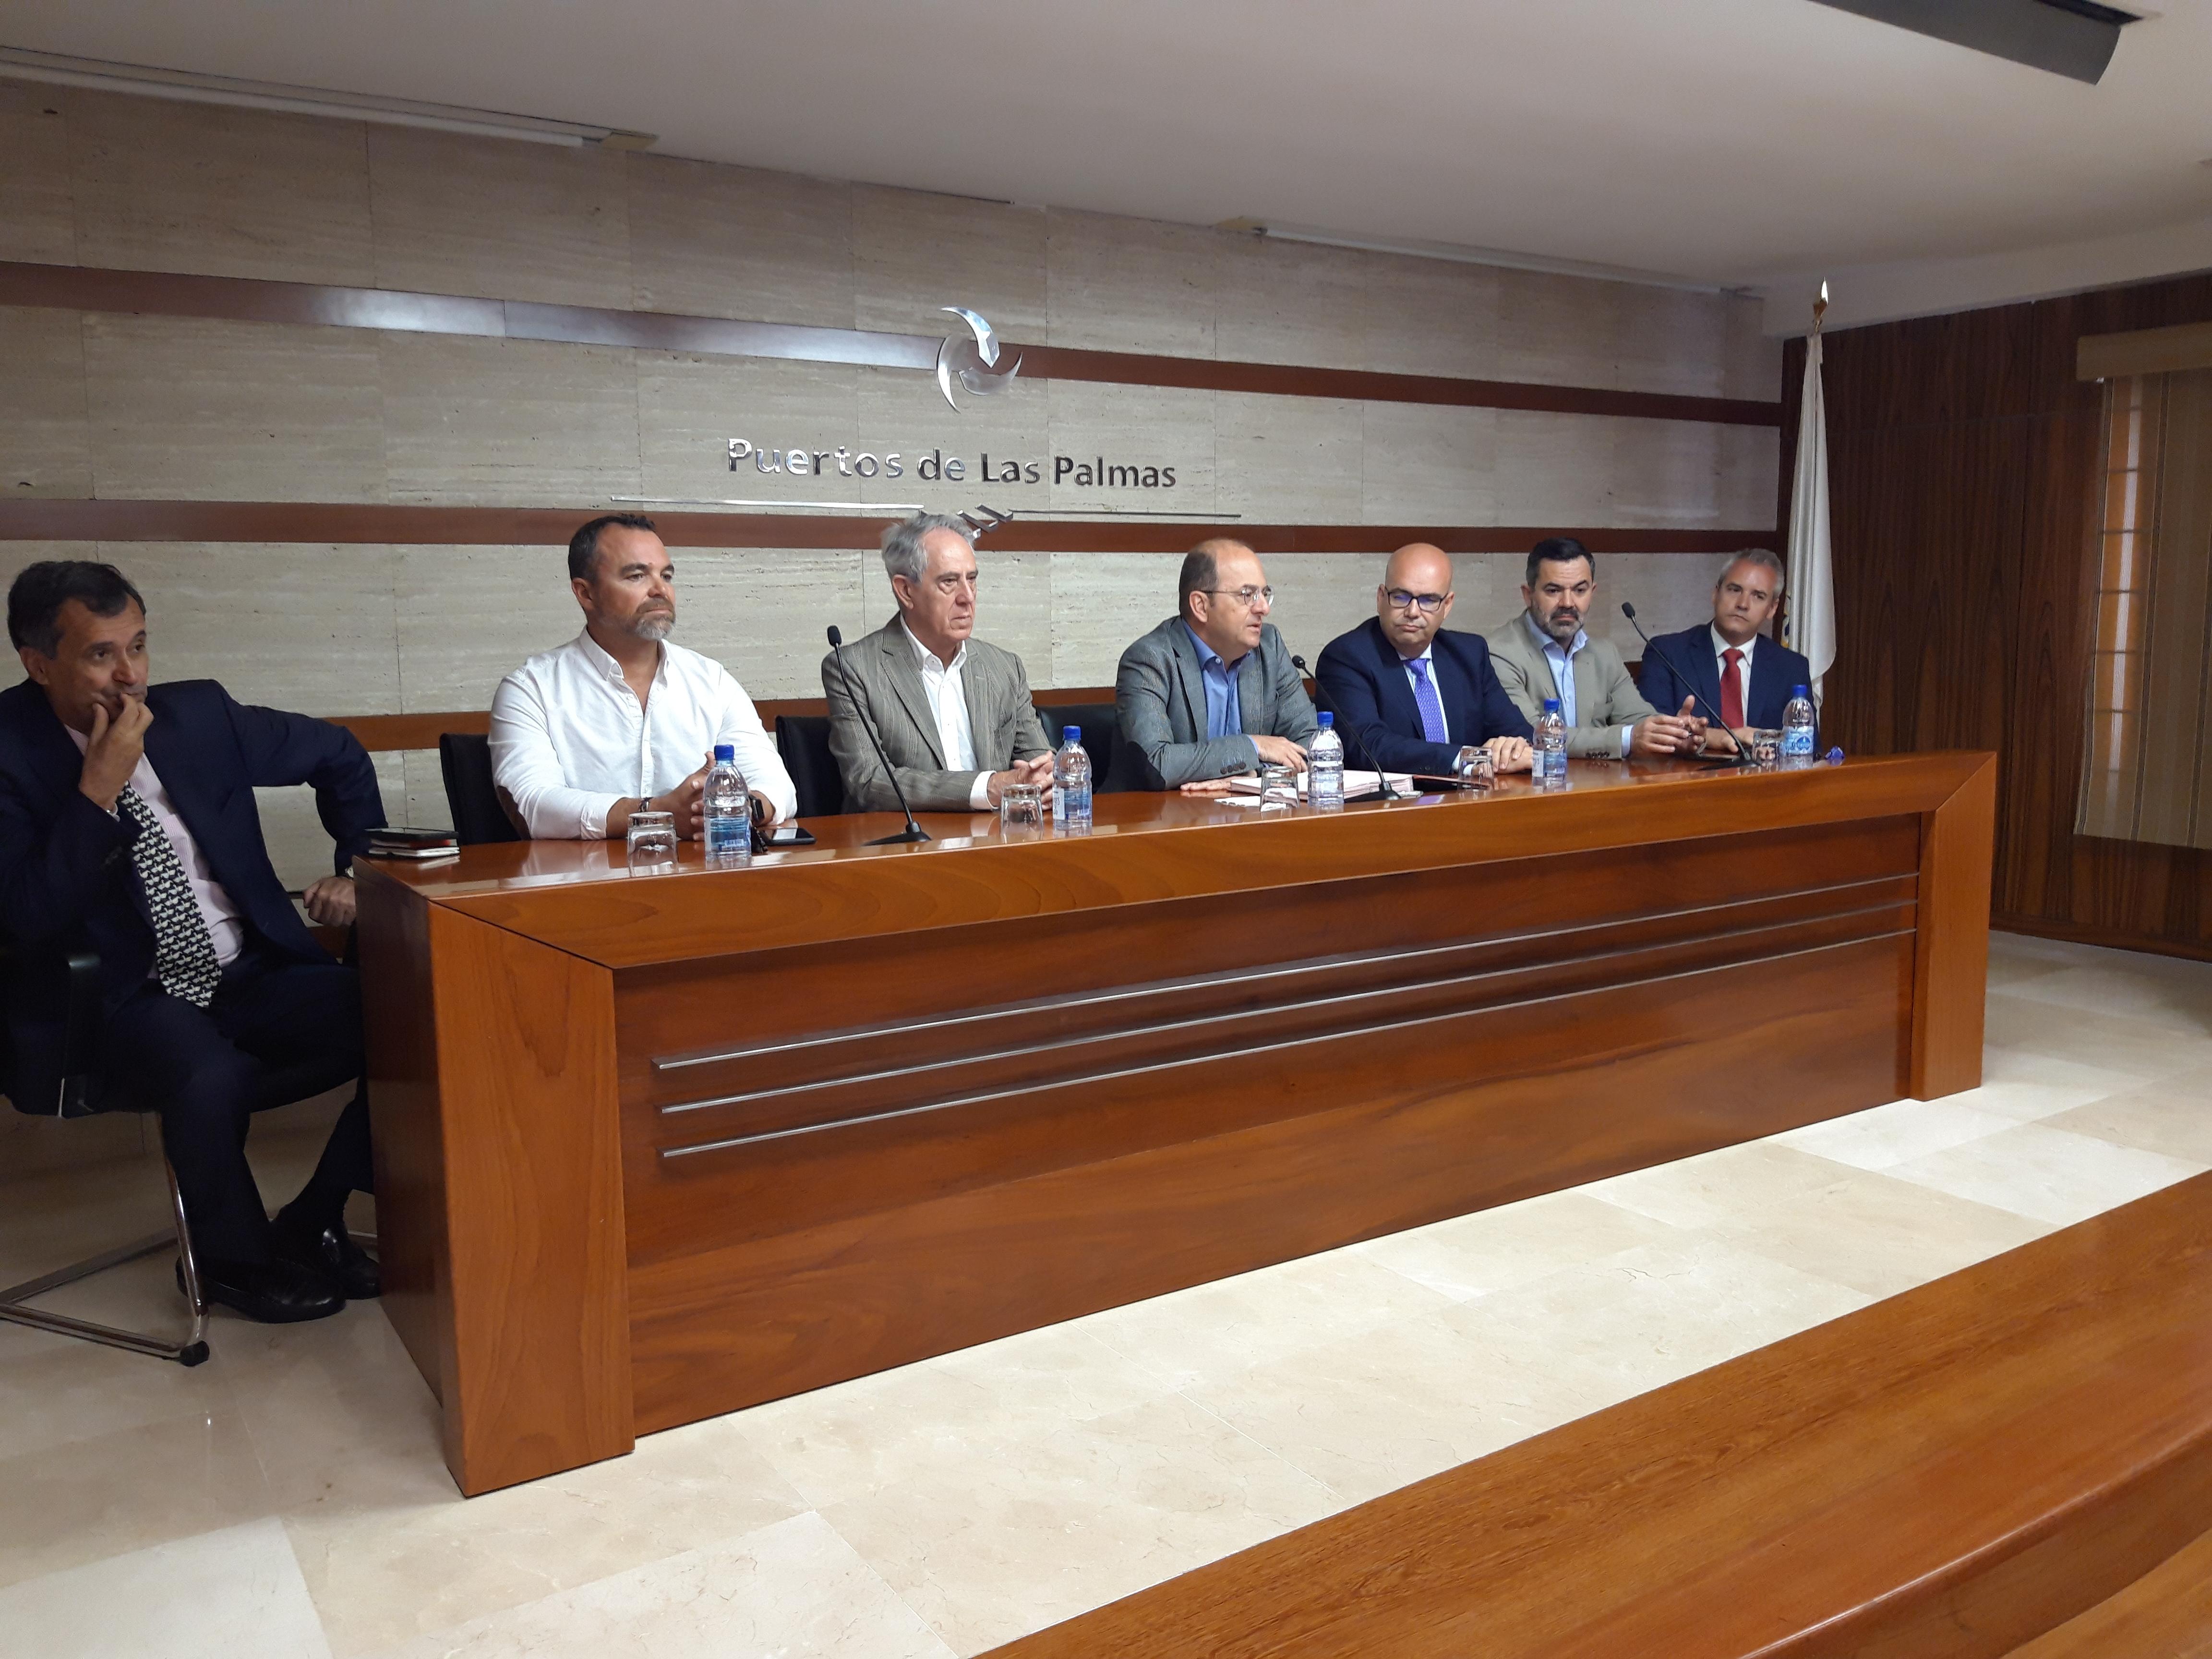 La Autoridad Portuaria de Las Palmas y el Banco de Alimentos organizan la Semana Solidaria de la Comunidad Portuaria de Las Palmas de ayuda a los más necesitados